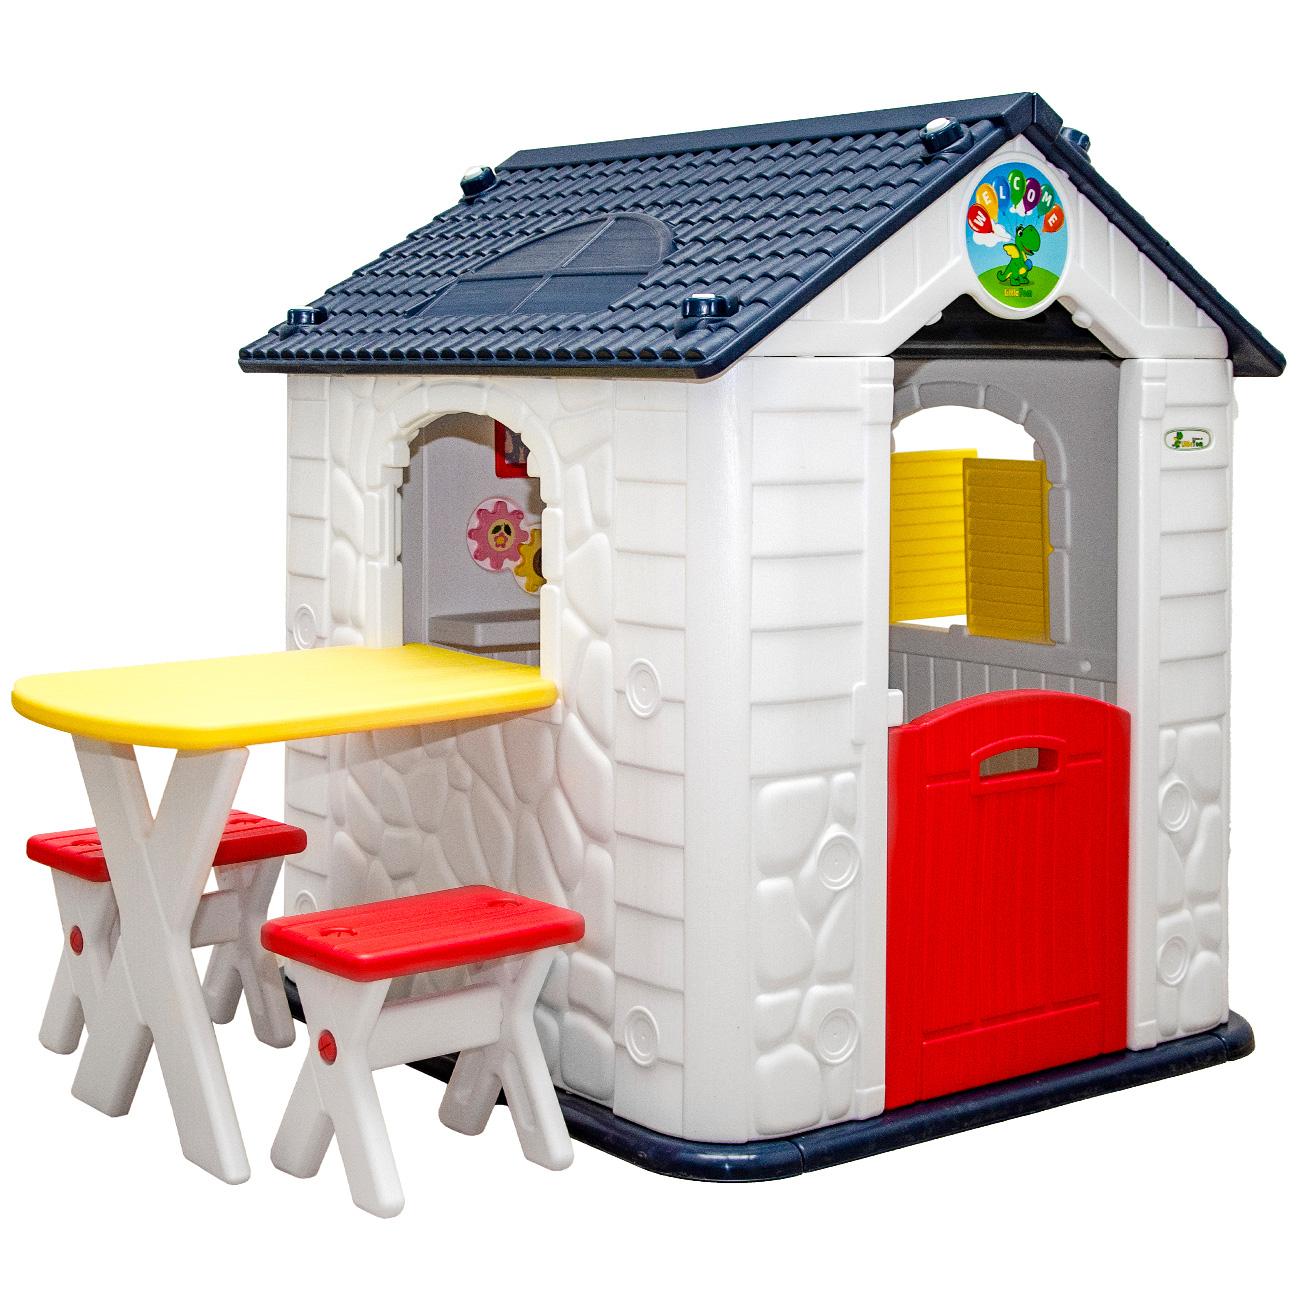 Full Size of Spielhaus Kinder Garten Ab 1 Kinderhaus Mit Tisch Bewässerungssystem Sitzbank Loungemöbel Lounge Möbel Wohnen Und Abo Kunststoff Stapelstühle Wohnzimmer Spielhaus Kinder Garten